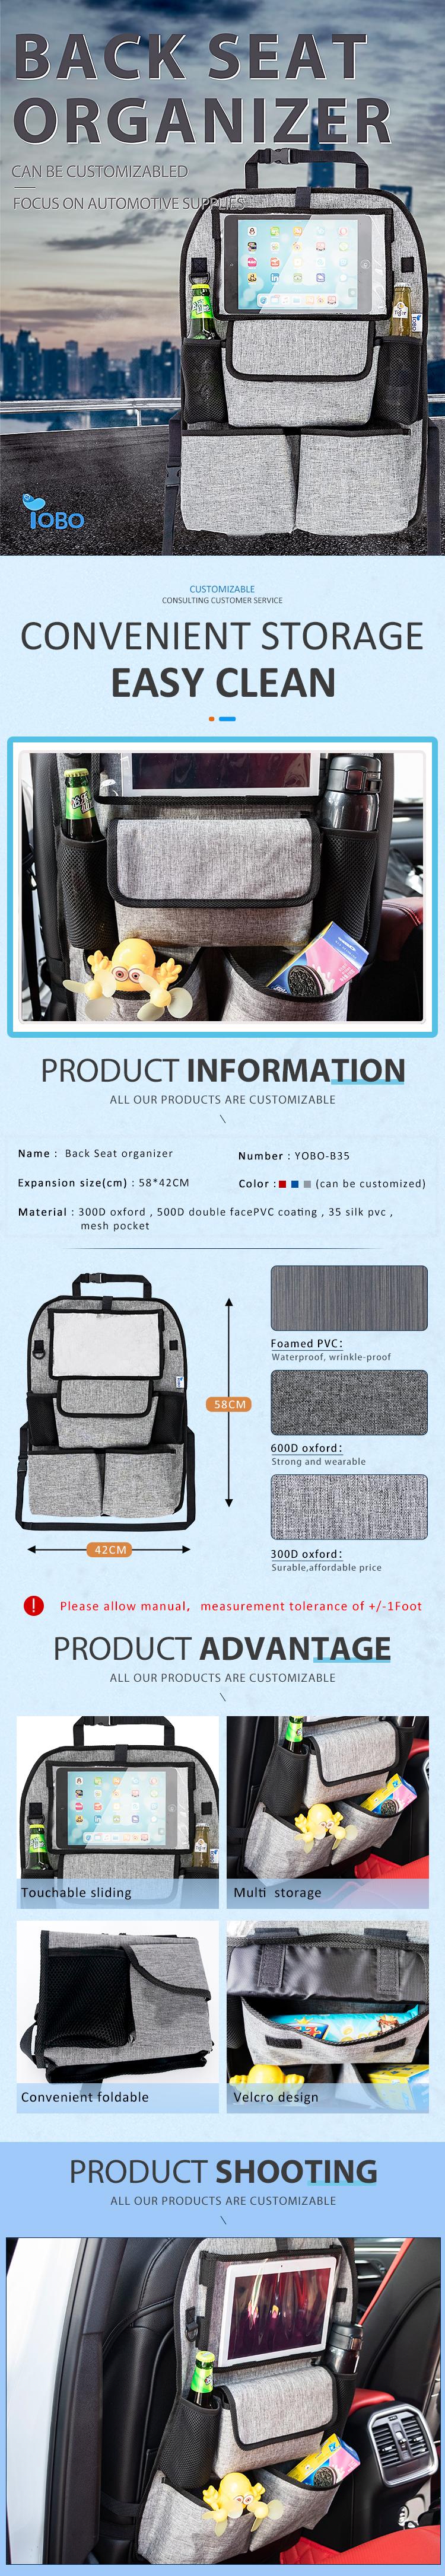 Multi-verwenden Touch-Bildschirm iPad Tablet Halter Auto Rücksitz Organizer Rücksitz Auto Organizer Mit Big Lagerung Taschen